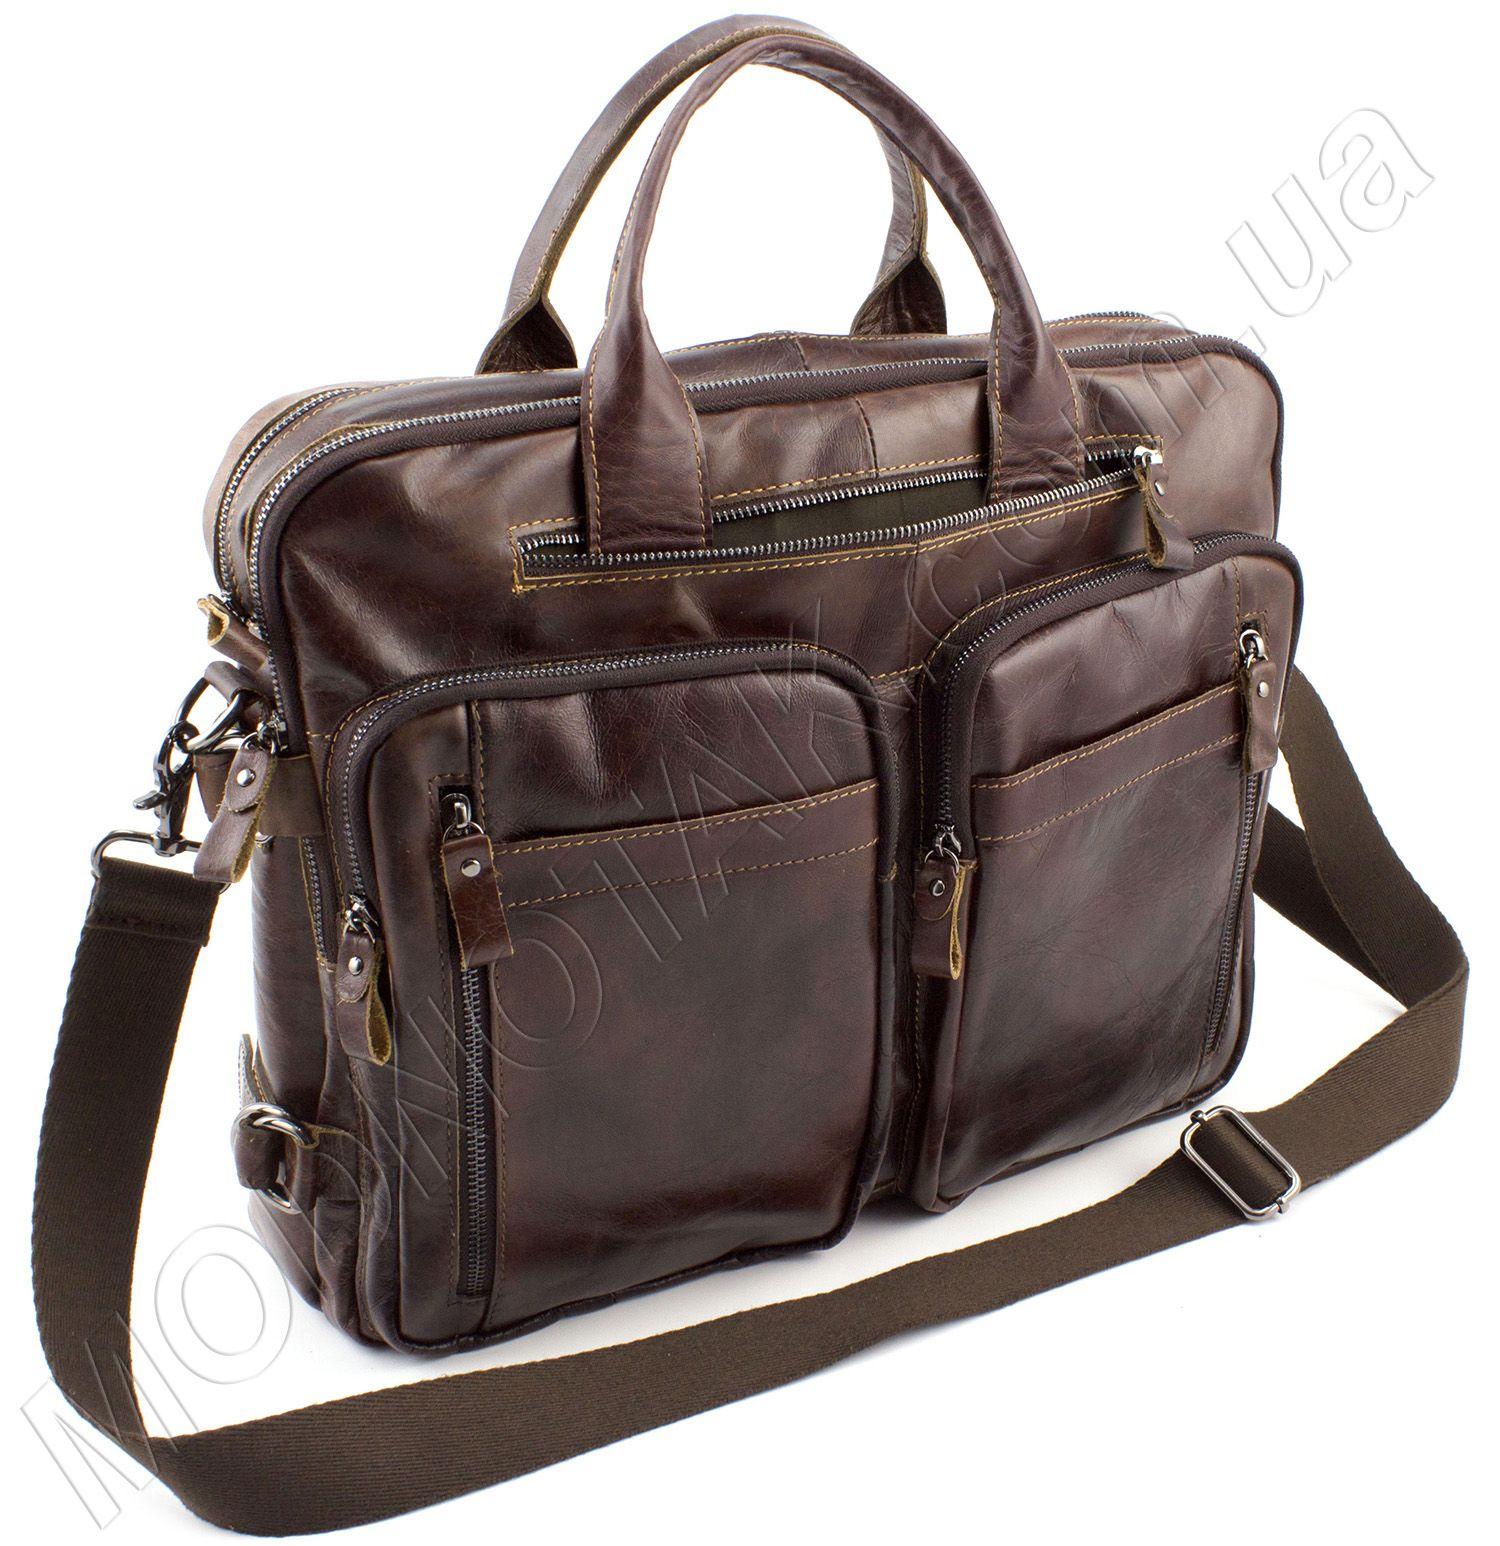 3ffd78d24036 Кожаная сумка для документов KLEVENT: купить мужскую сумку из кожи ...